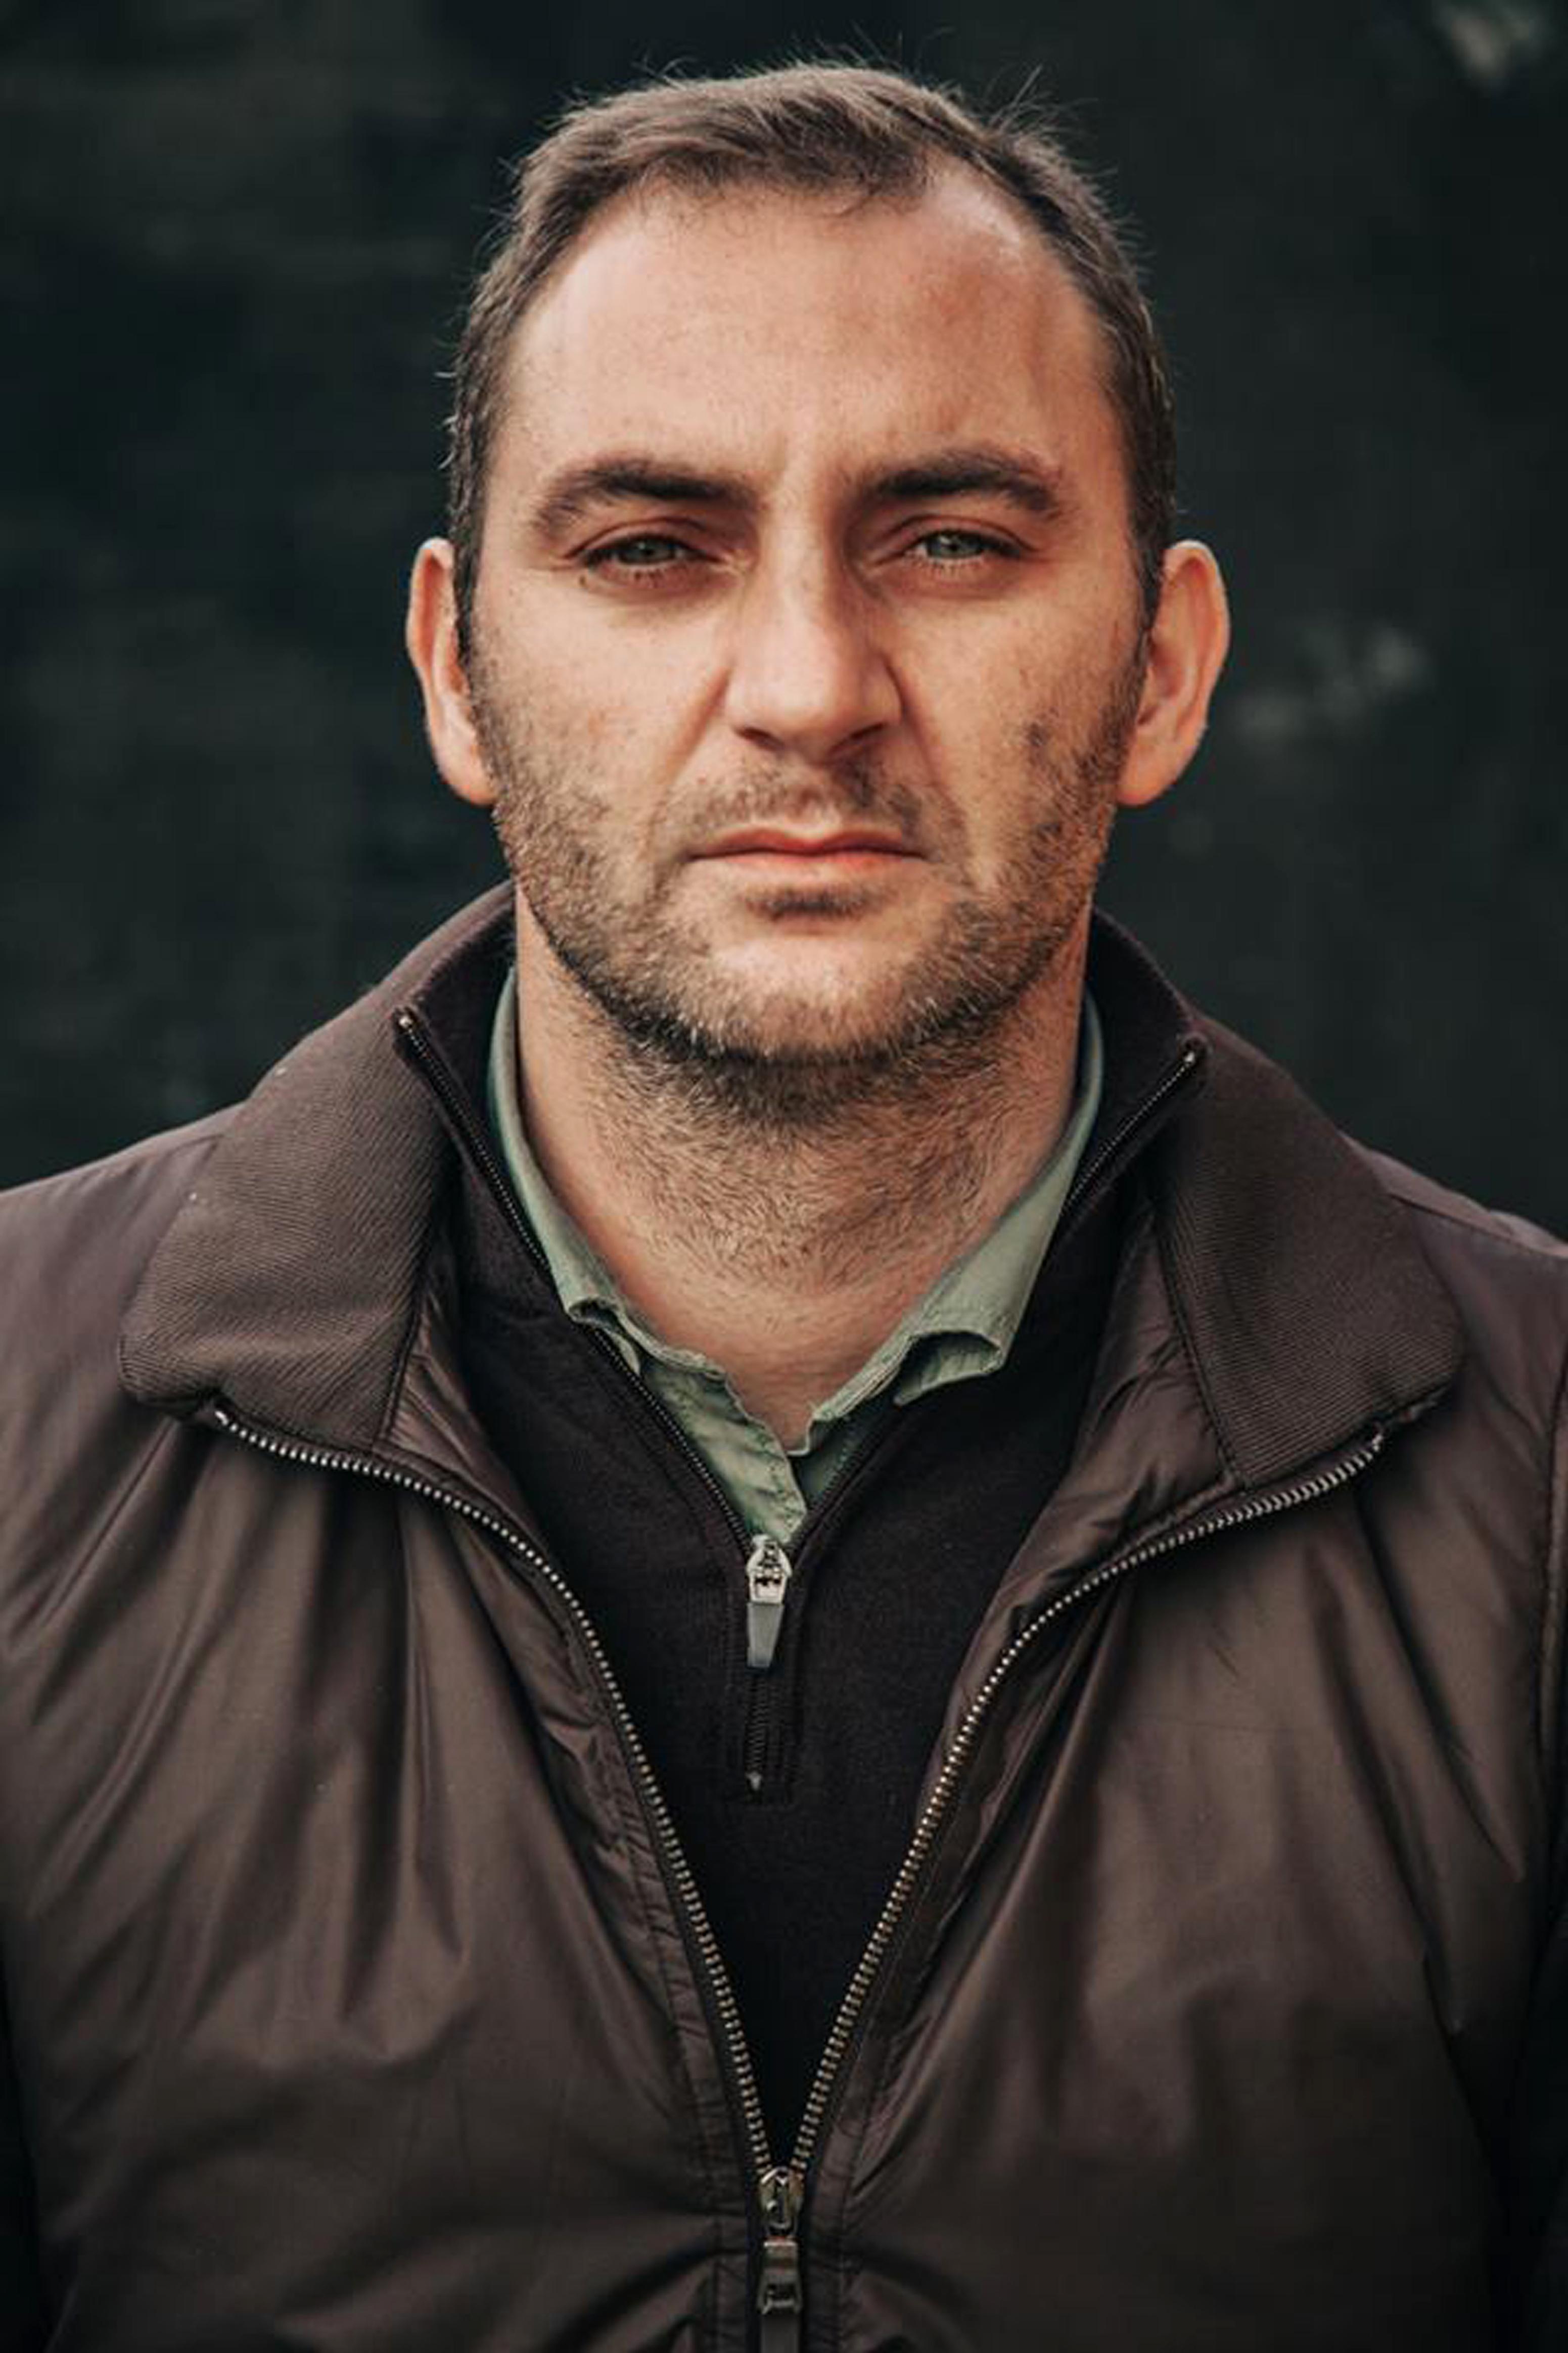 Raúl Aparicio